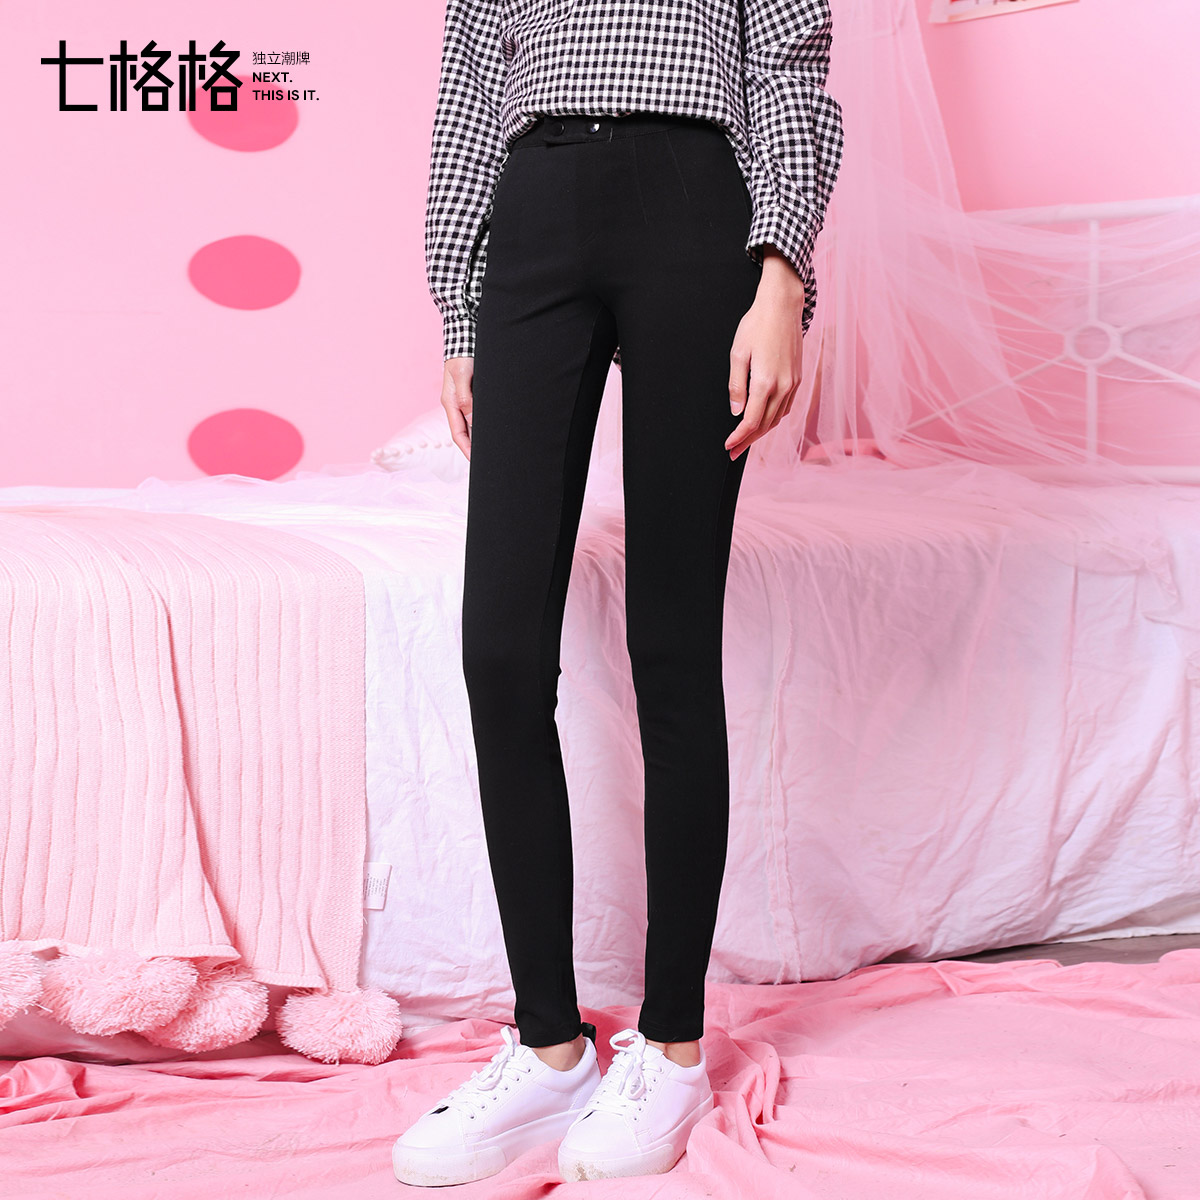 黑色裤子女春装2018新款学生韩版百搭外穿打底高腰小脚铅笔休闲裤